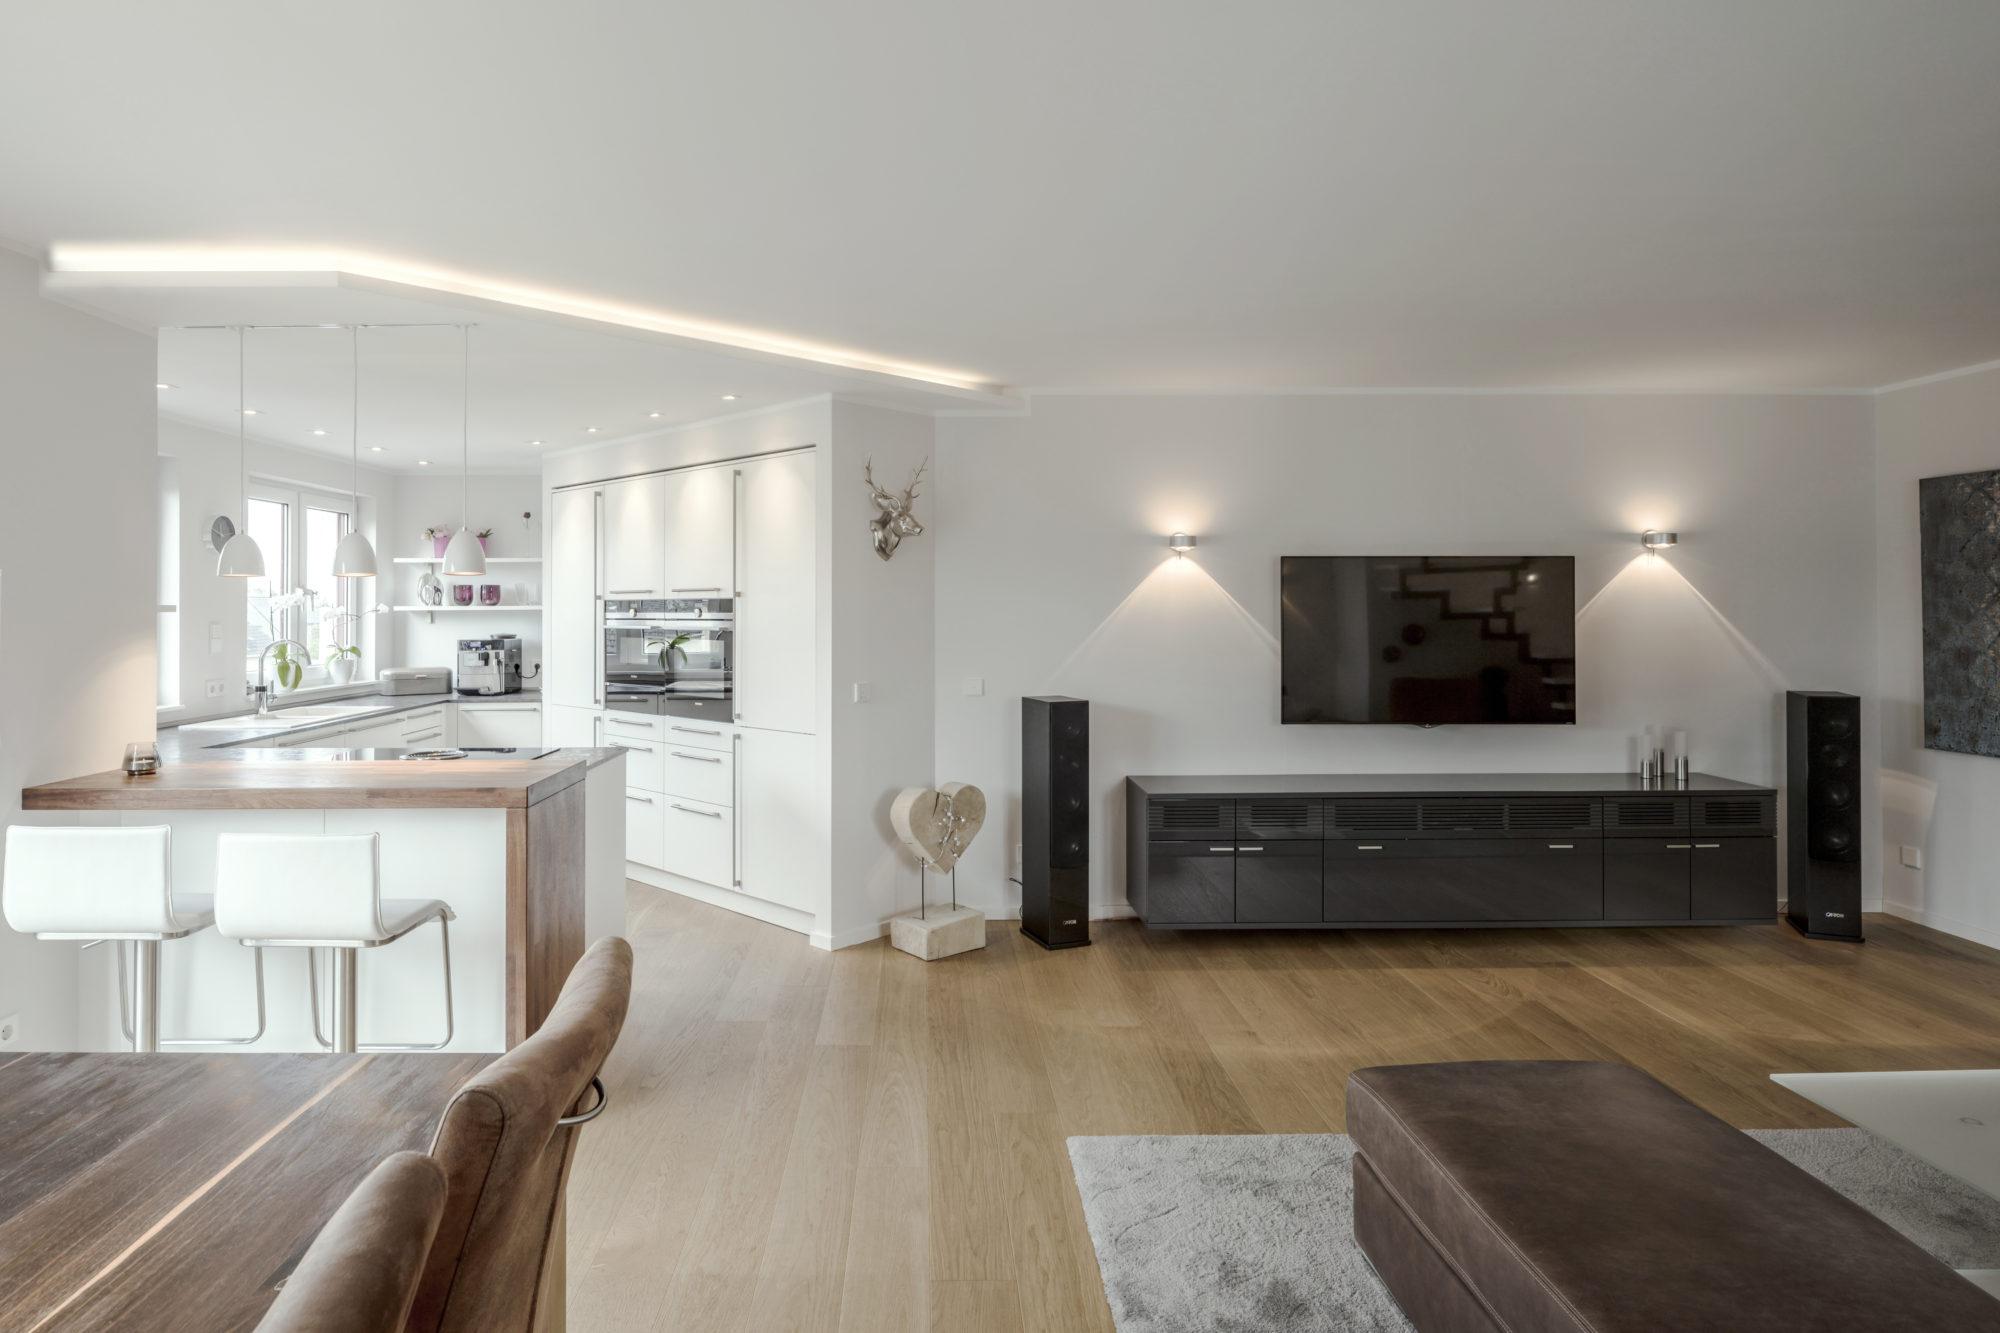 Licht, Verschattung und Heizung gehorchen hier der cleveren, drahtlosen Technik von eNet Smart Home